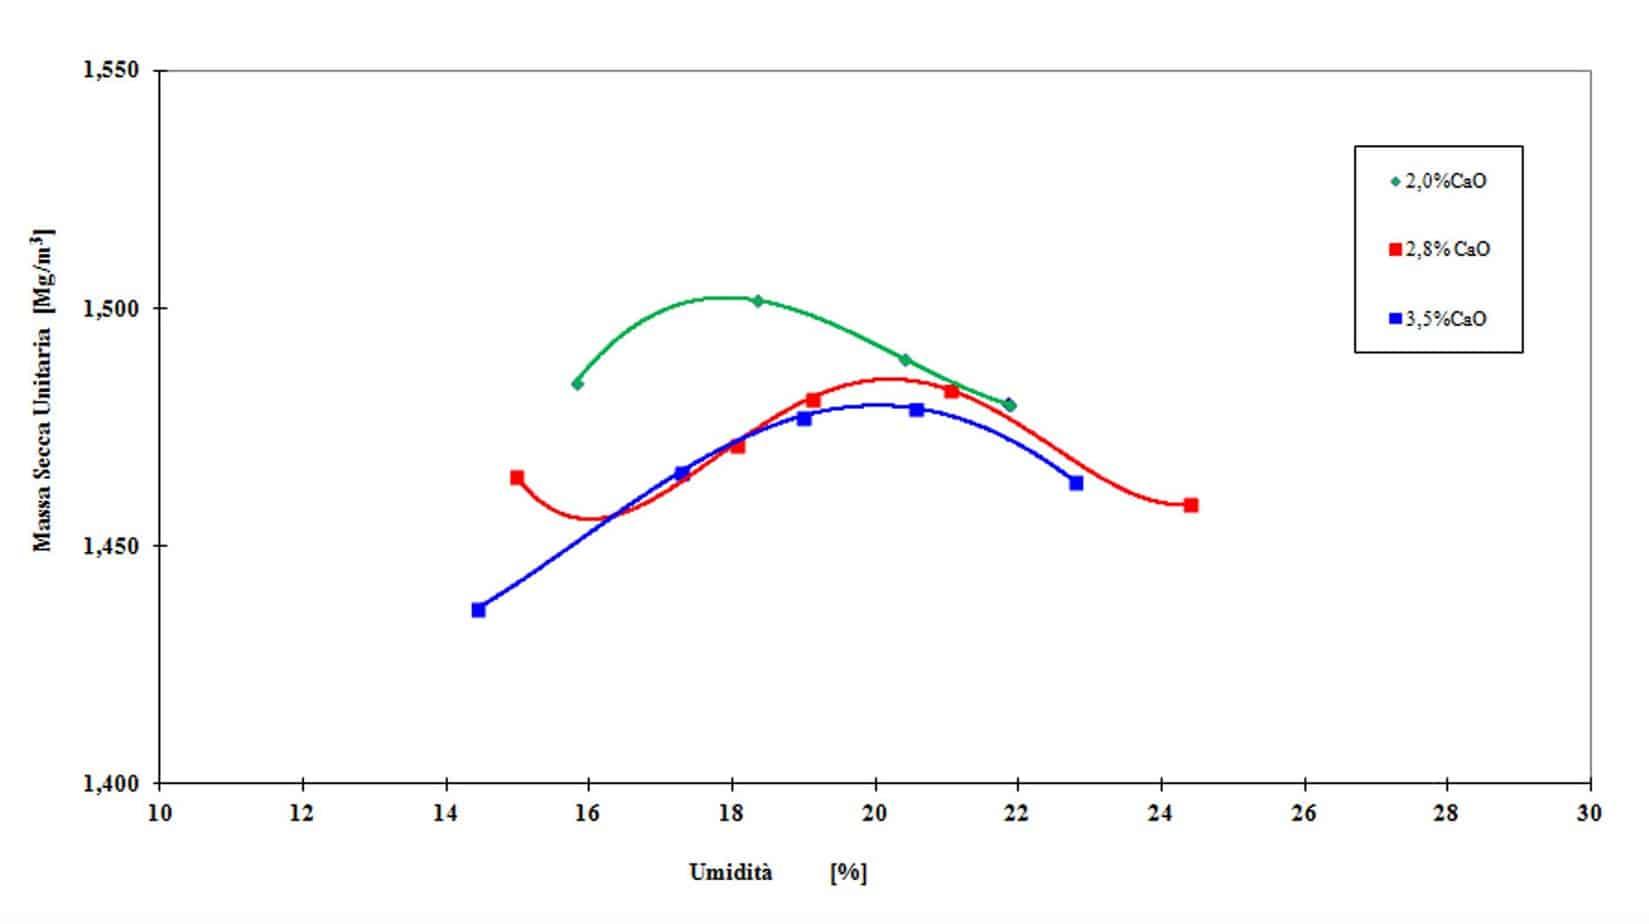 Le curve AASHTO Standard al 2,0%, al 2,8% e al 3,5% di calce